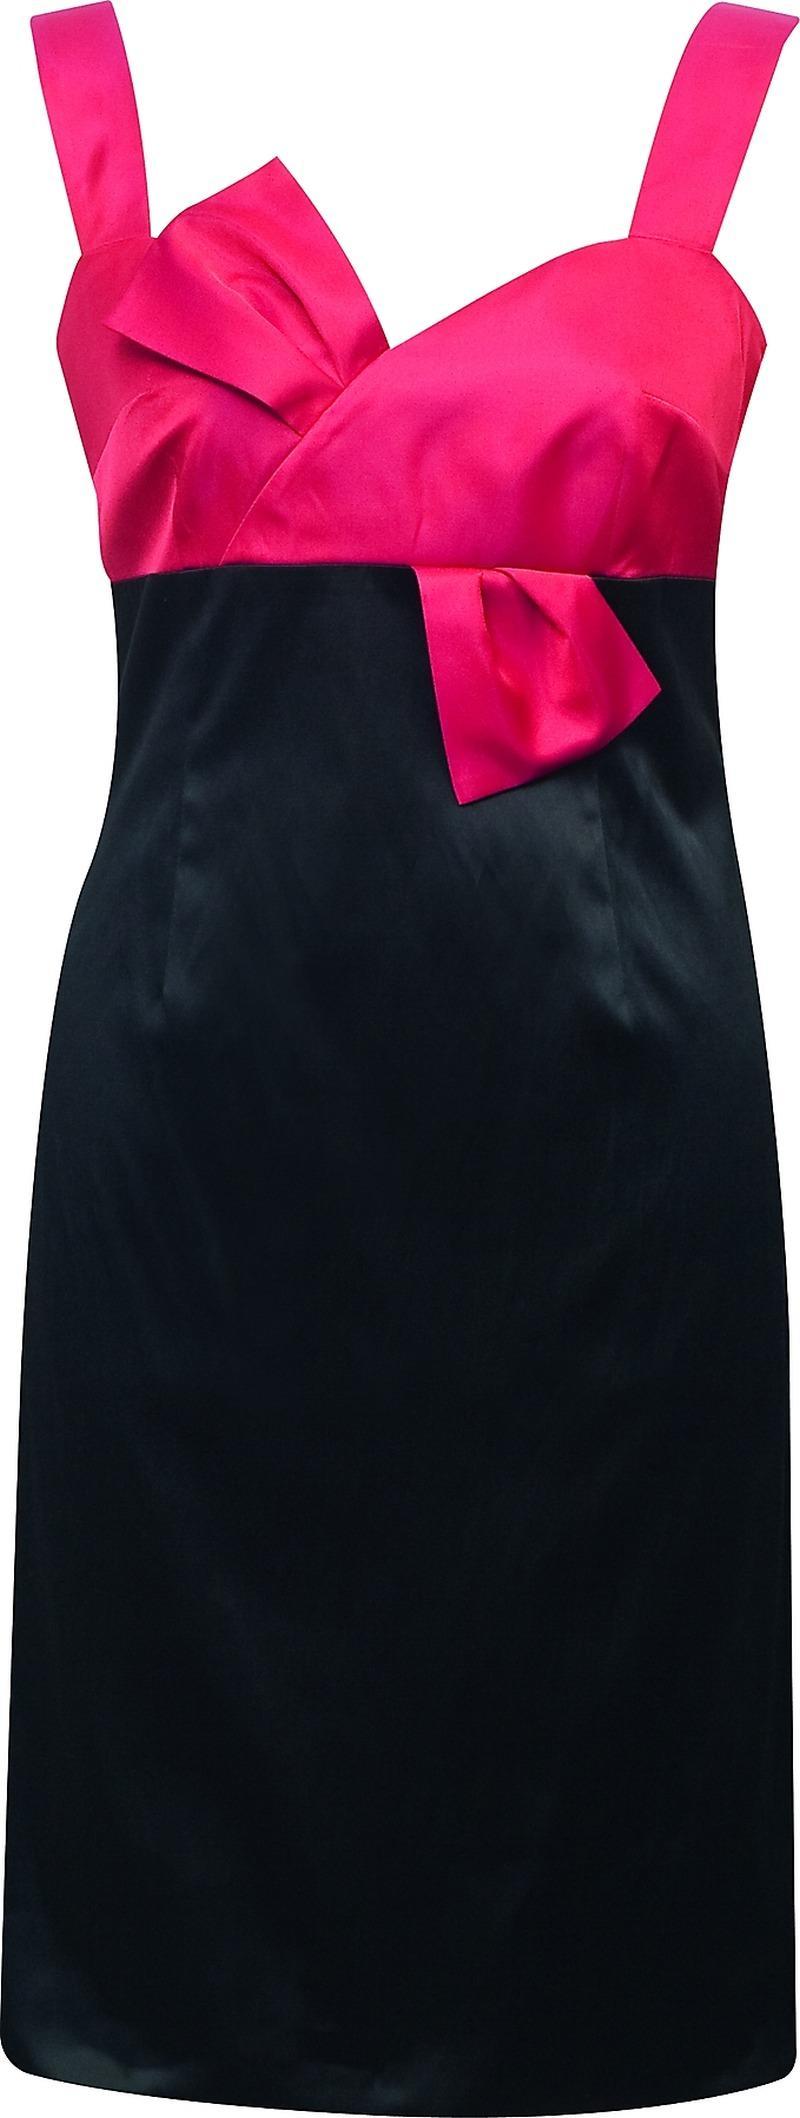 Nowości od Gapa Fashion na jesień i zimę 2009/2010 - Zdjęcie 31